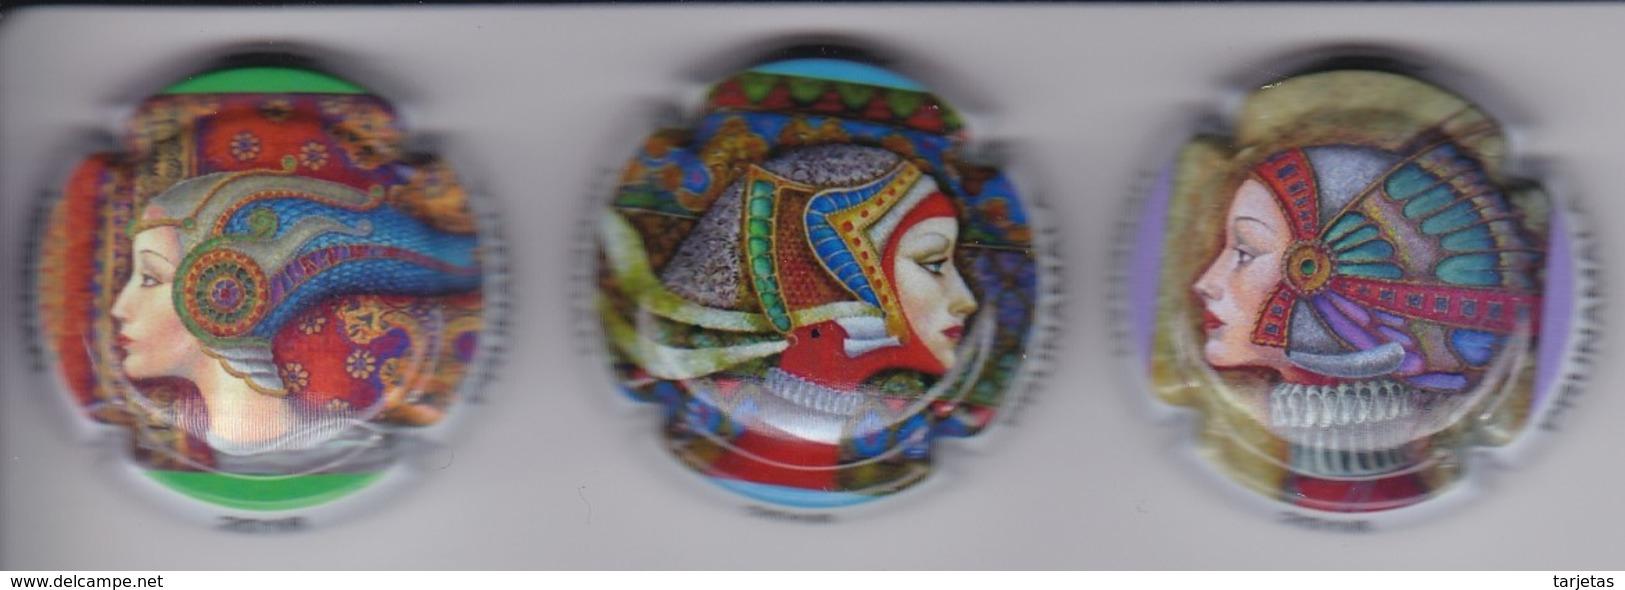 LOTE DE 3 PLACAS DE CAVA HEREDAD PRUNAMALA (CAPSULE) MUJER-WOMAN - Placas De Cava